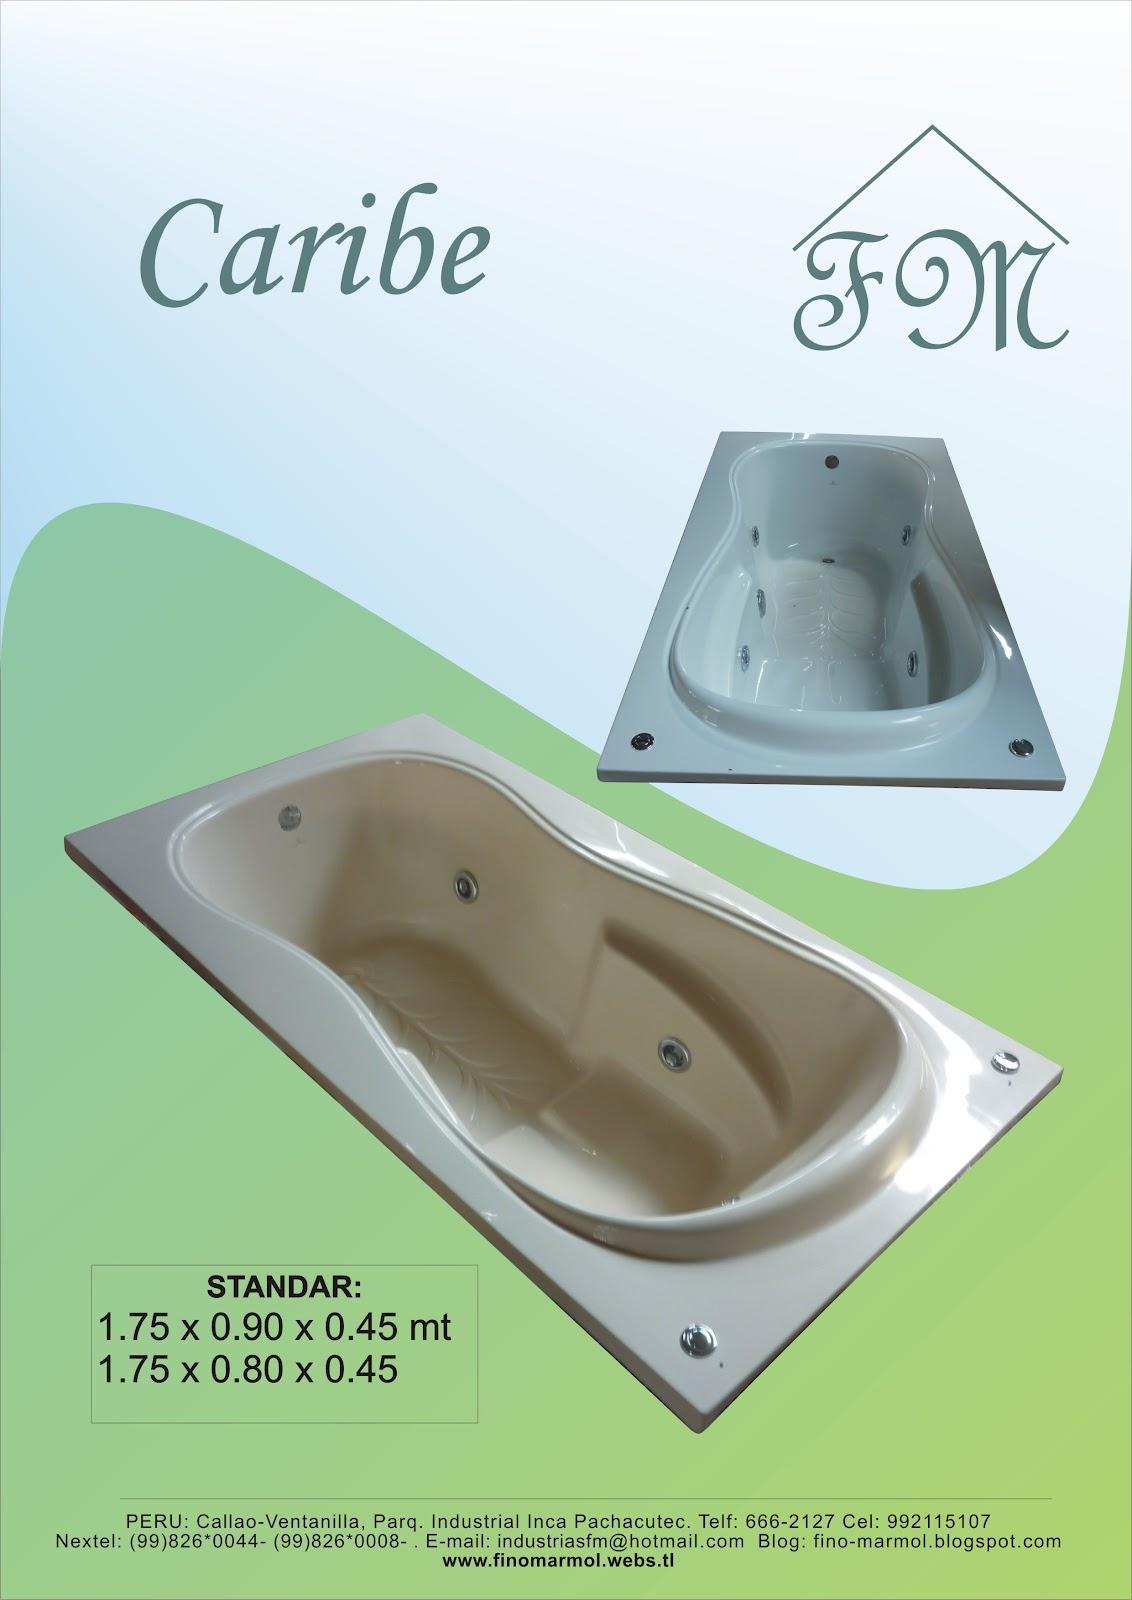 Medidas De Un Baño Con Tina:Tina de Baño Caribe FM medidas: